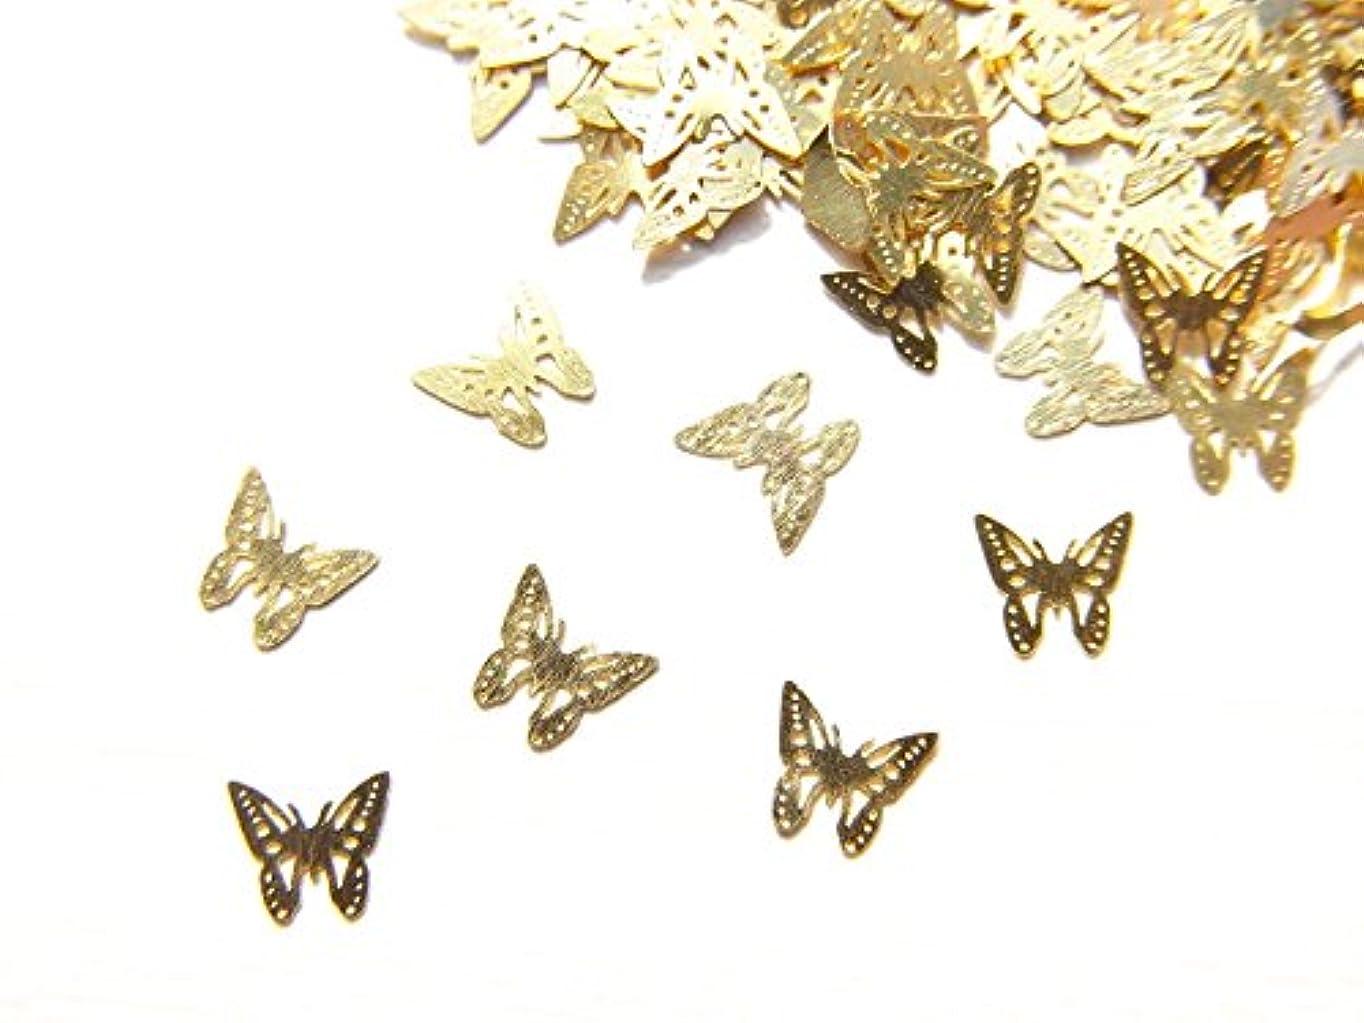 チャーター充電公【jewel】ug24 薄型ゴールド メタルパーツ Sサイズ バタフライ 蝶 A 10個入り ネイルアートパーツ レジンパーツ